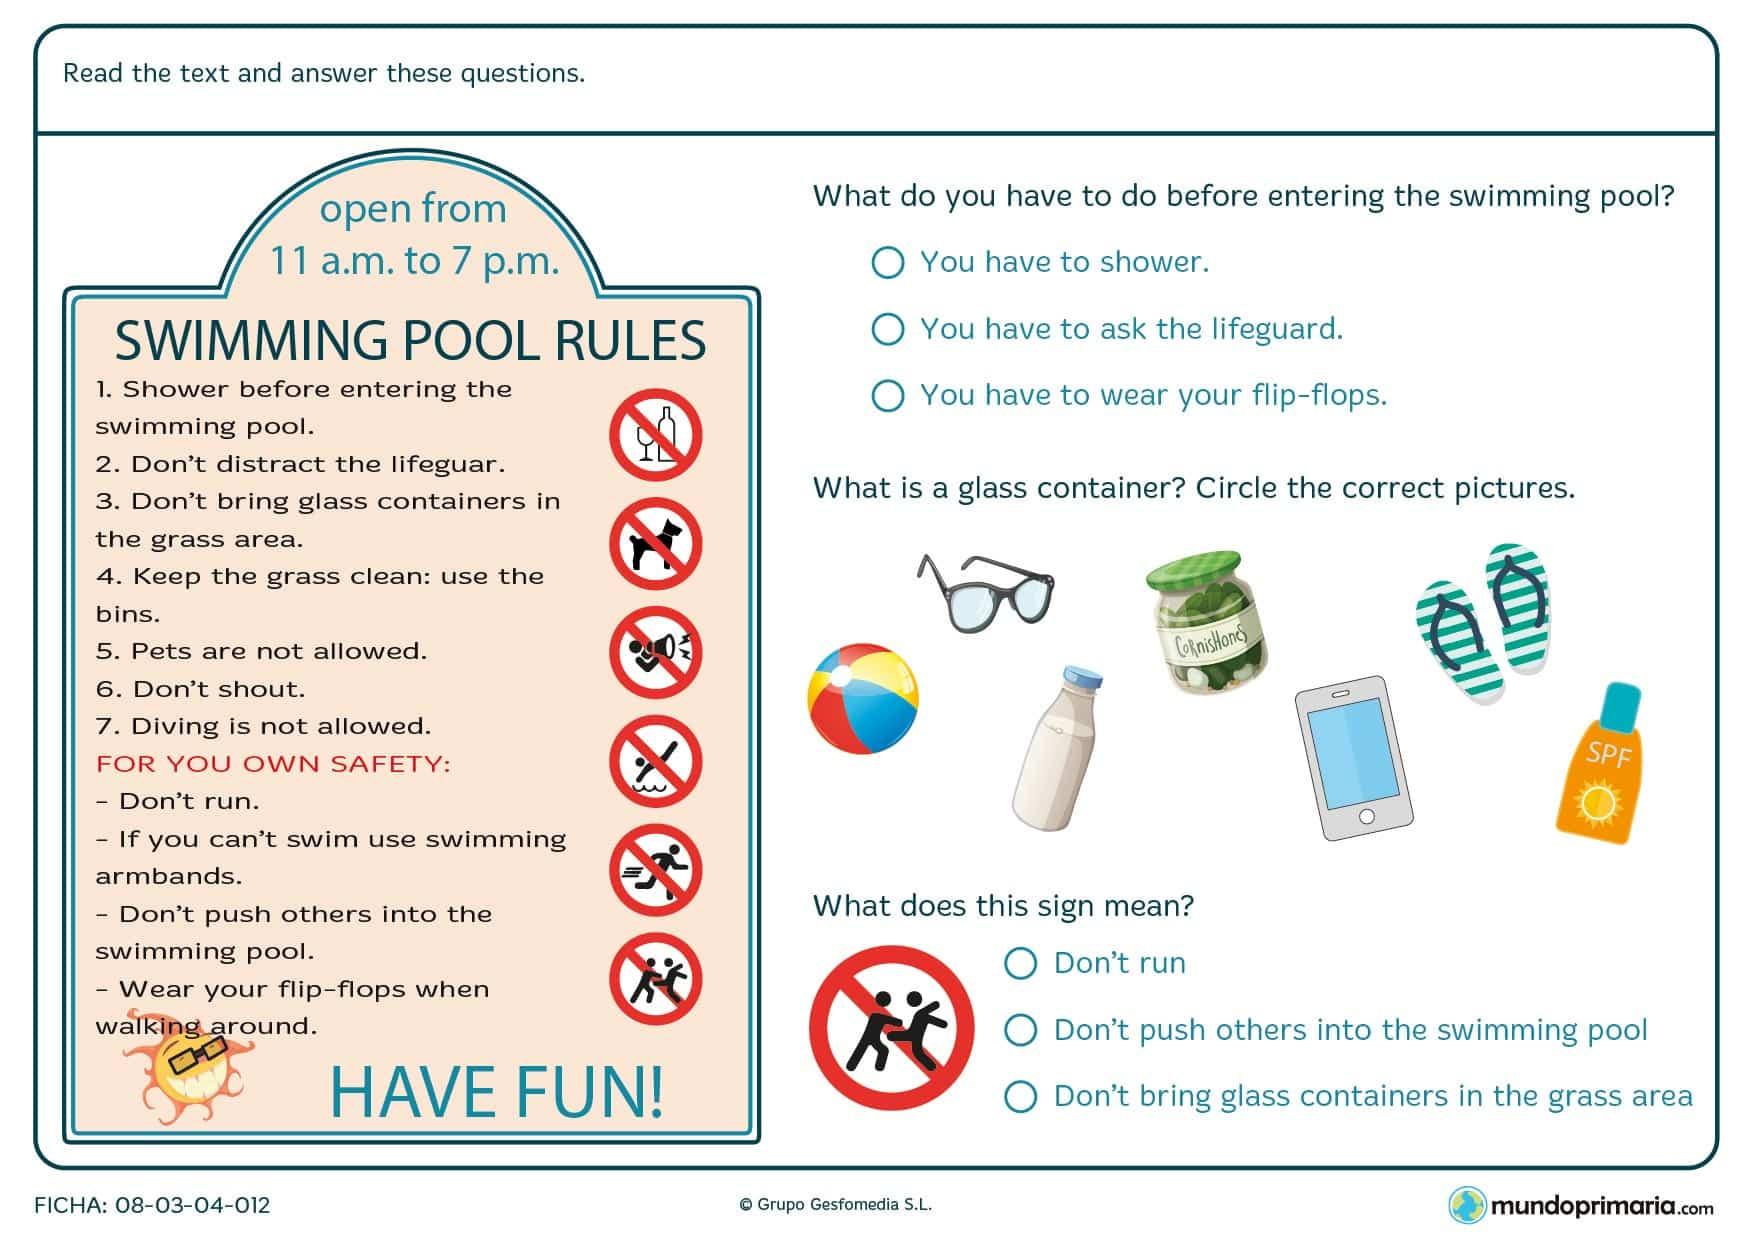 Cartel con una lista de reglas que hay que cumplir en una piscina y una serie de preguntas para comprobar la comprensión de las reglas.